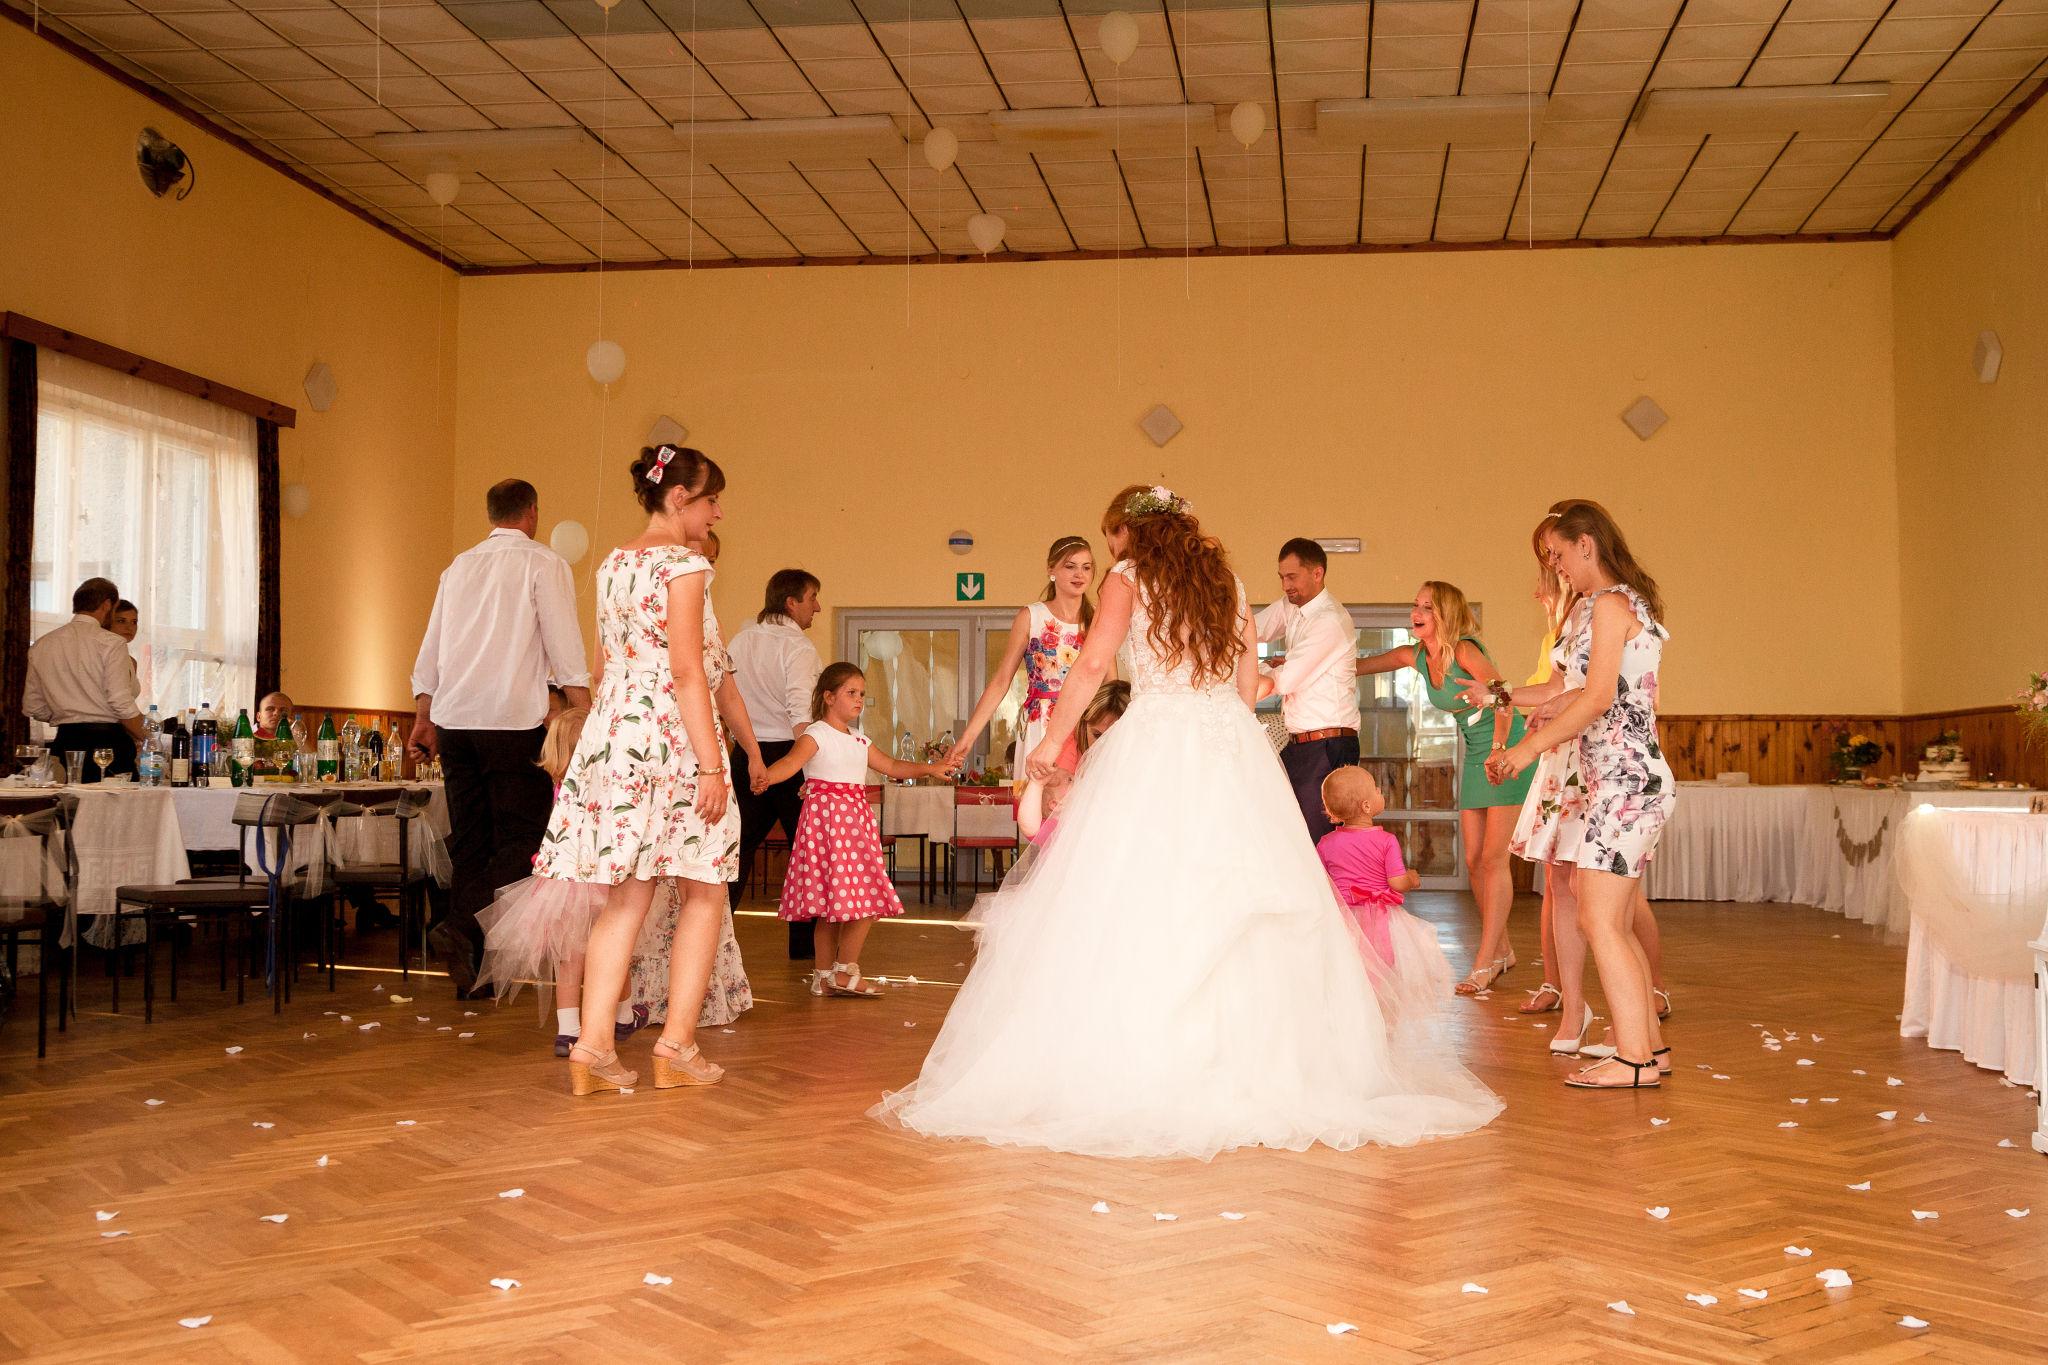 Tancování na svatbě, fotograf Břetislav Válek